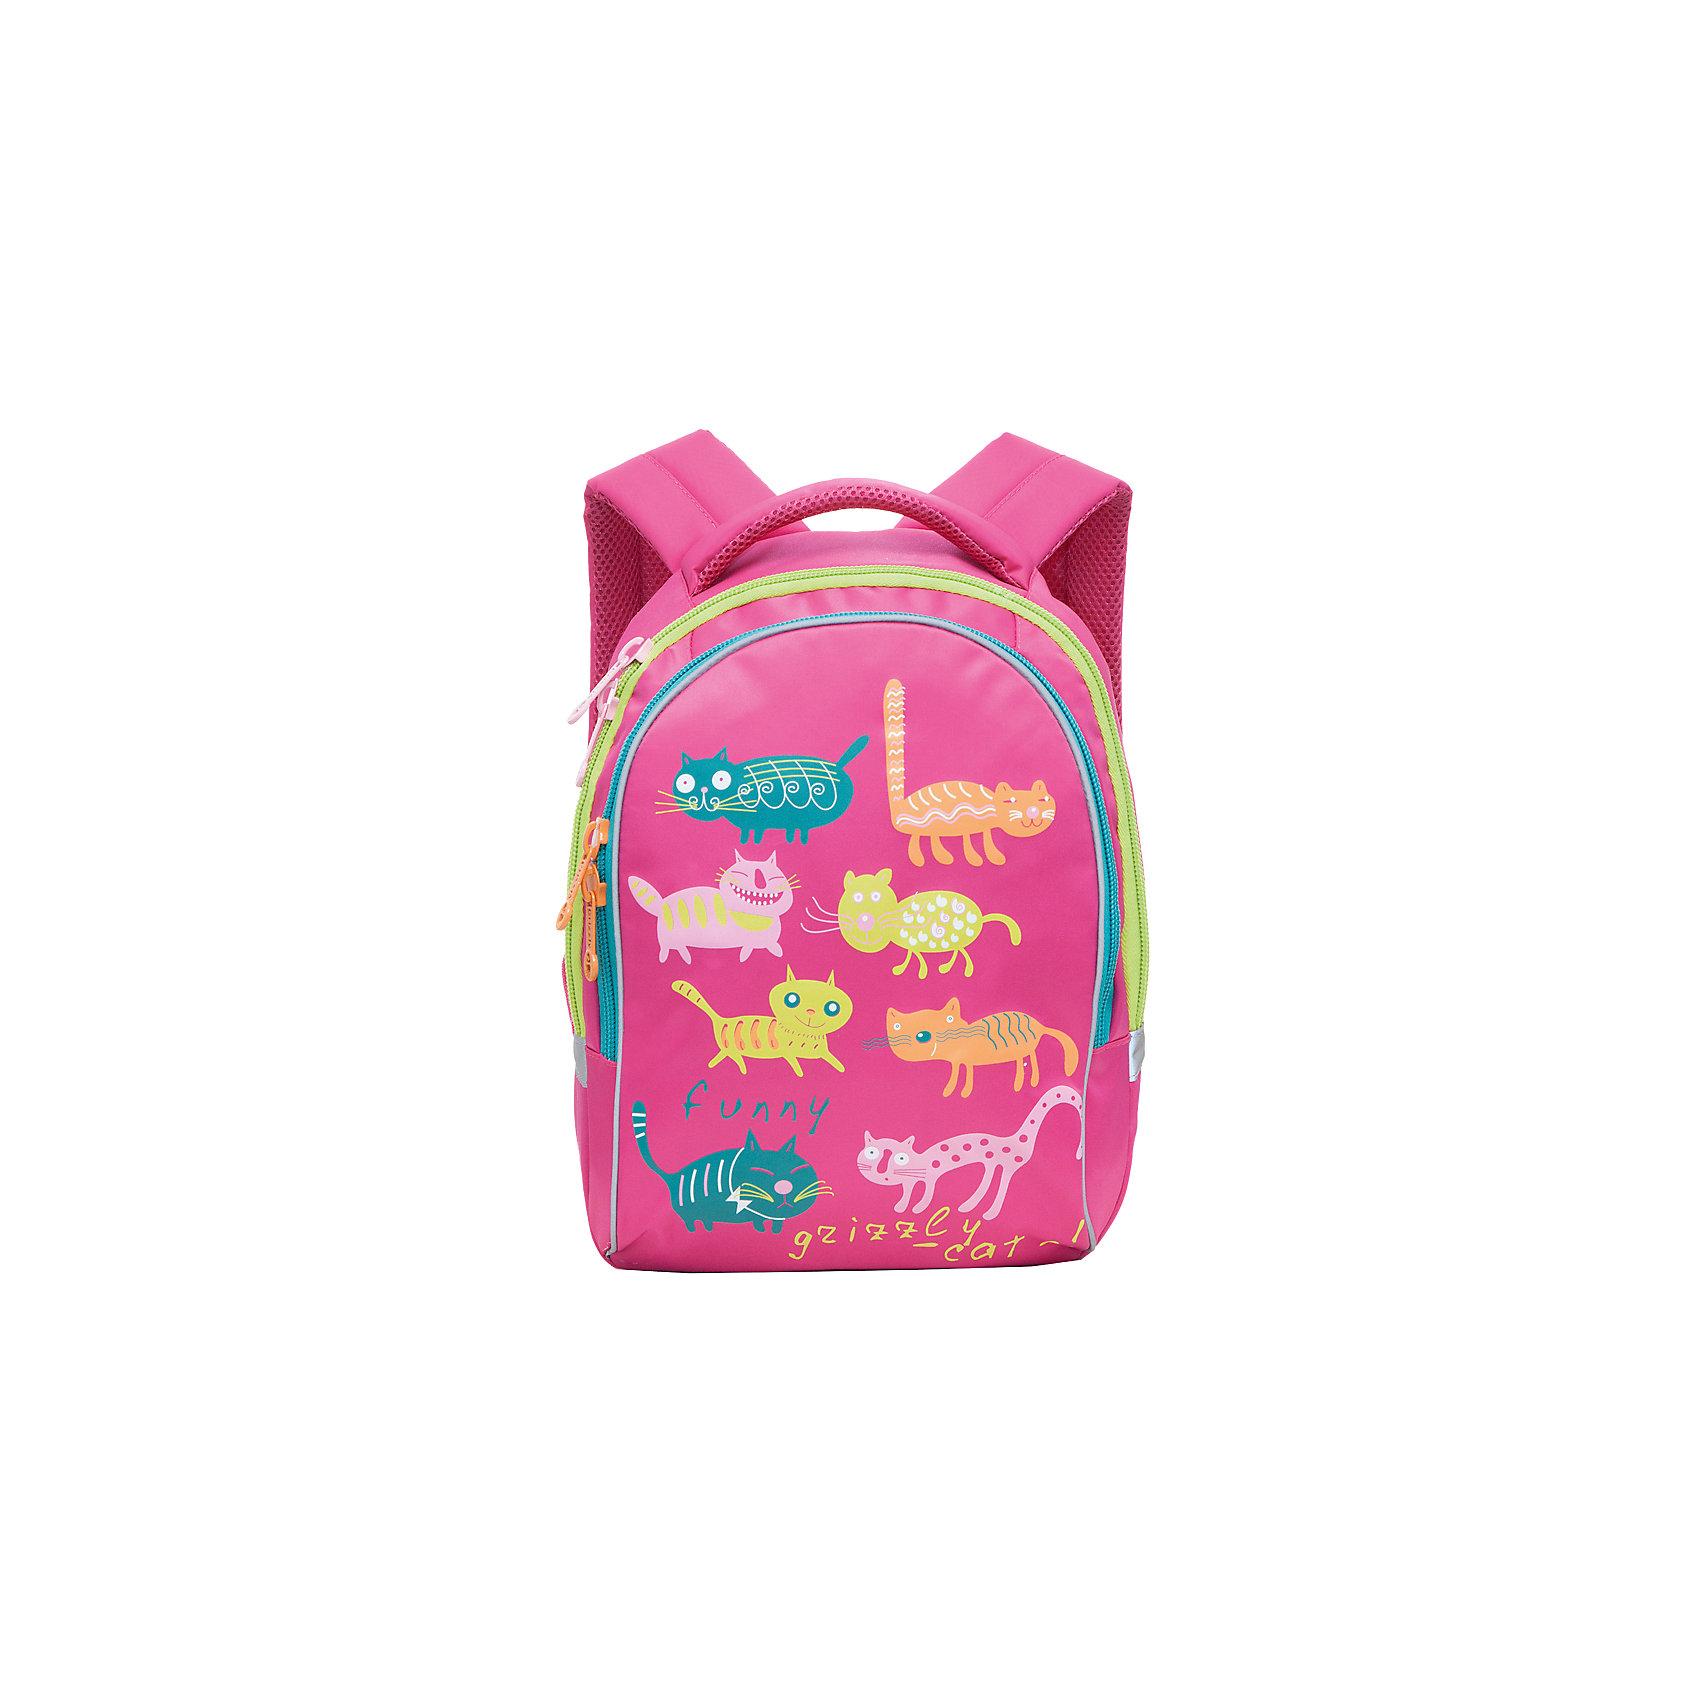 Grizzly Рюкзак школьный Funny cats, фуксияАксессуары<br>Яркий школьный рюкзак для девочки  с двумя объемными отделениями и пеналом-органайзером для канцелярии на лицевой стороне украшен забавных кошечек.<br><br>Дополнительная информация:<br><br>два отделения, <br>боковые карманы из сетки, <br>внутренний карман-пенал для карандашей, <br>жесткая ортопедическая спинка, <br>мягкая укрепленная ручка, <br>укрепленные регулируемые лямки, <br>светоотражающие элементы с четырех сторон<br>вес: 670 г<br>размер: 28х41х20см<br><br>Рюкзак школьный Funny cats, фуксия можно купить в нашем магазине.<br><br>Ширина мм: 280<br>Глубина мм: 170<br>Высота мм: 380<br>Вес г: 500<br>Возраст от месяцев: 72<br>Возраст до месяцев: 144<br>Пол: Женский<br>Возраст: Детский<br>SKU: 4632778